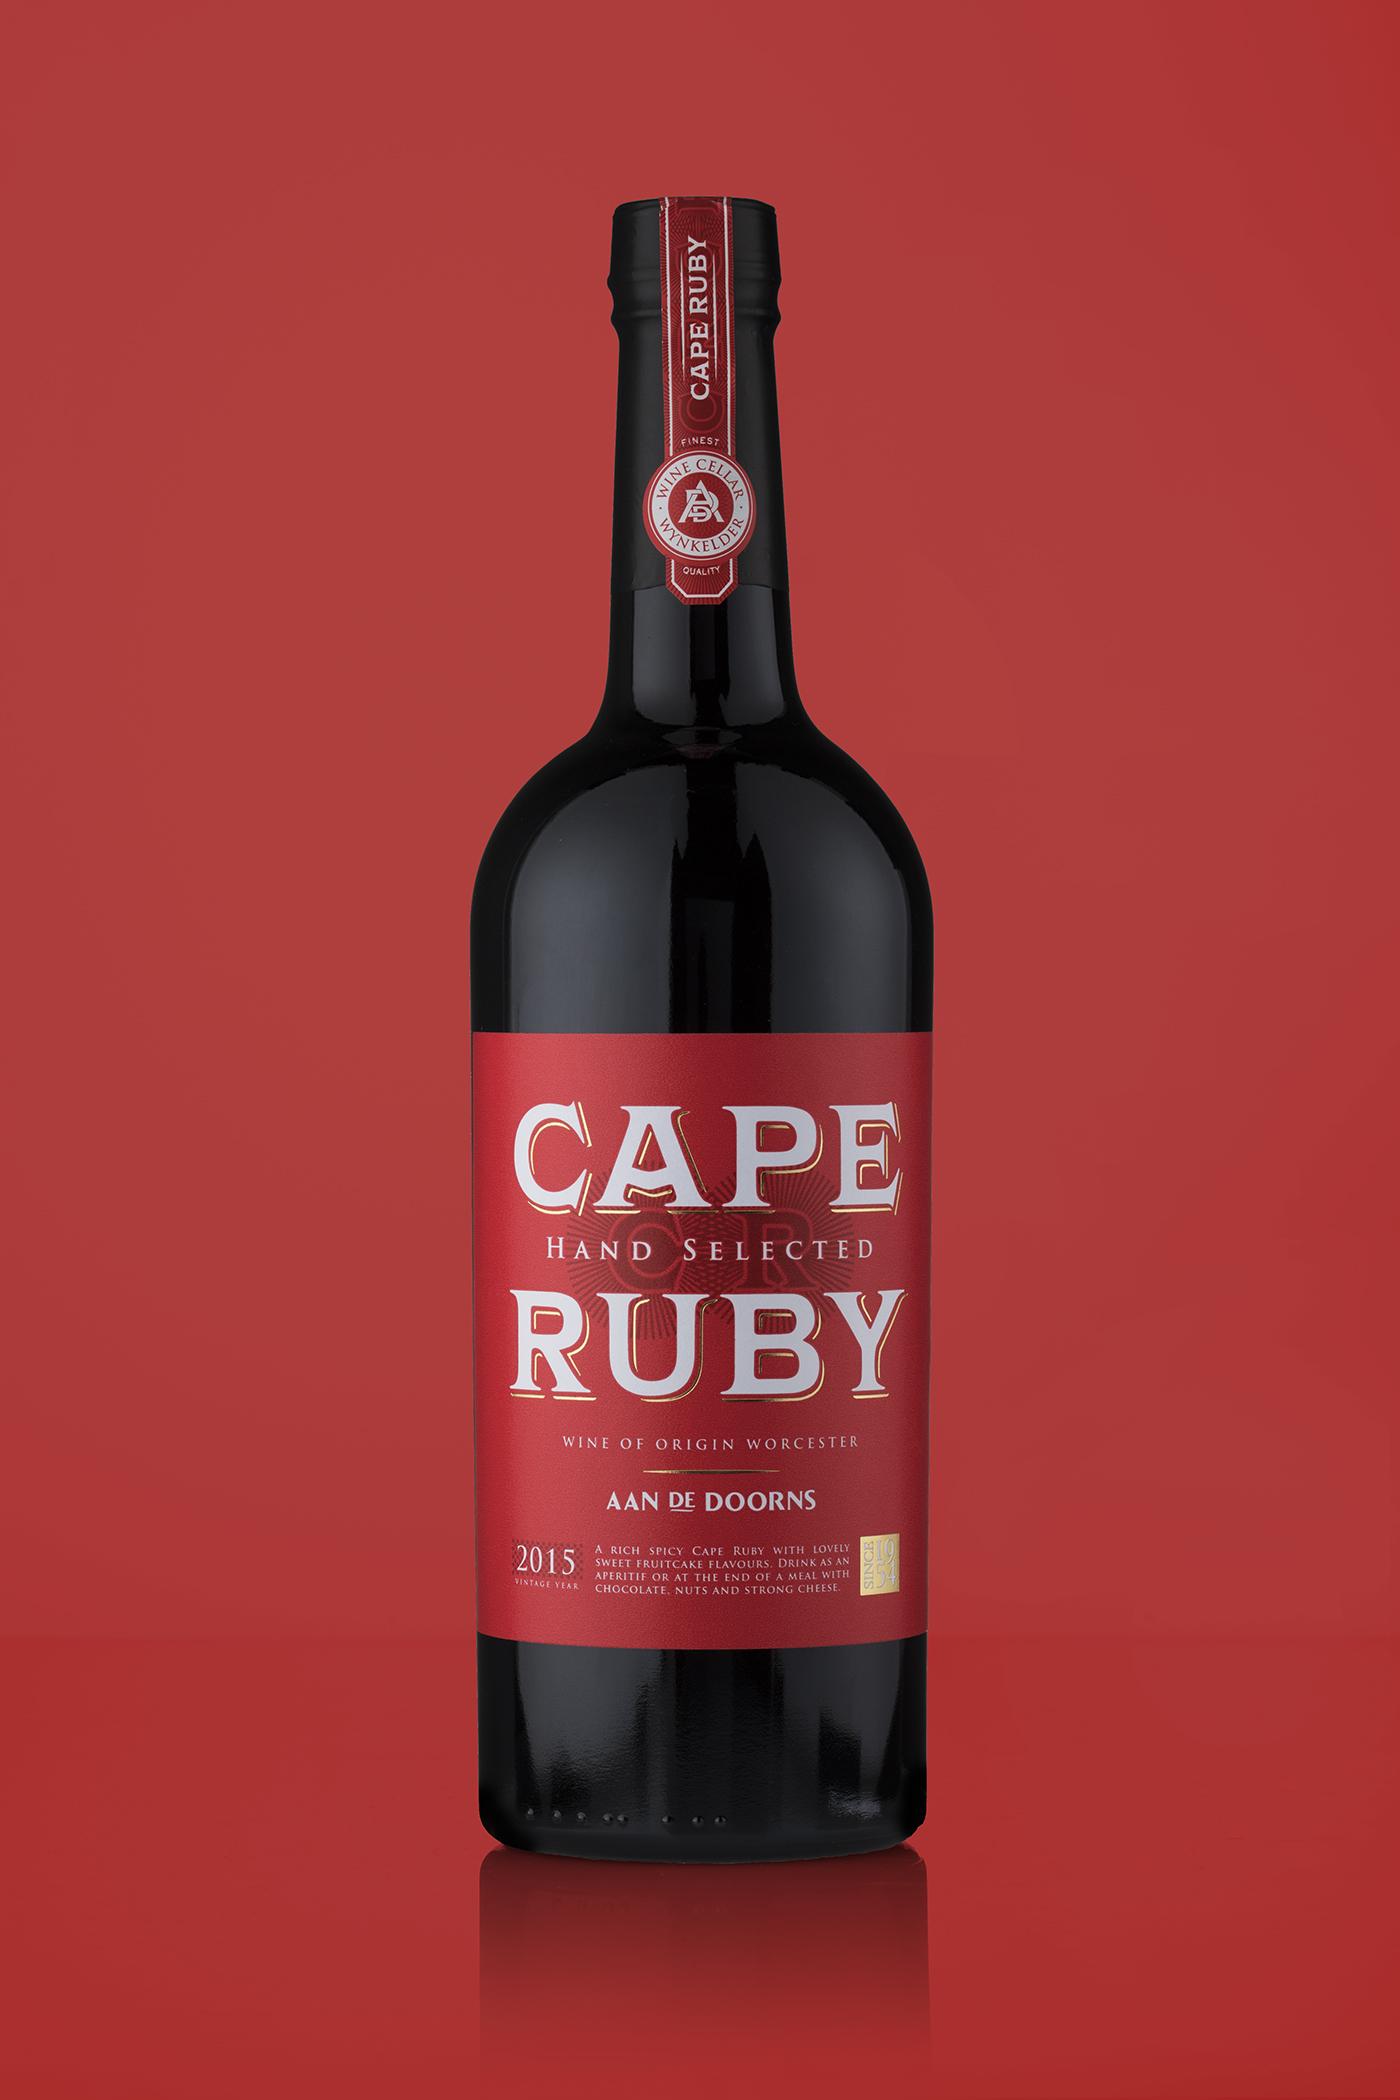 Cape Ruby Port Label Designed For Aan De Doorns